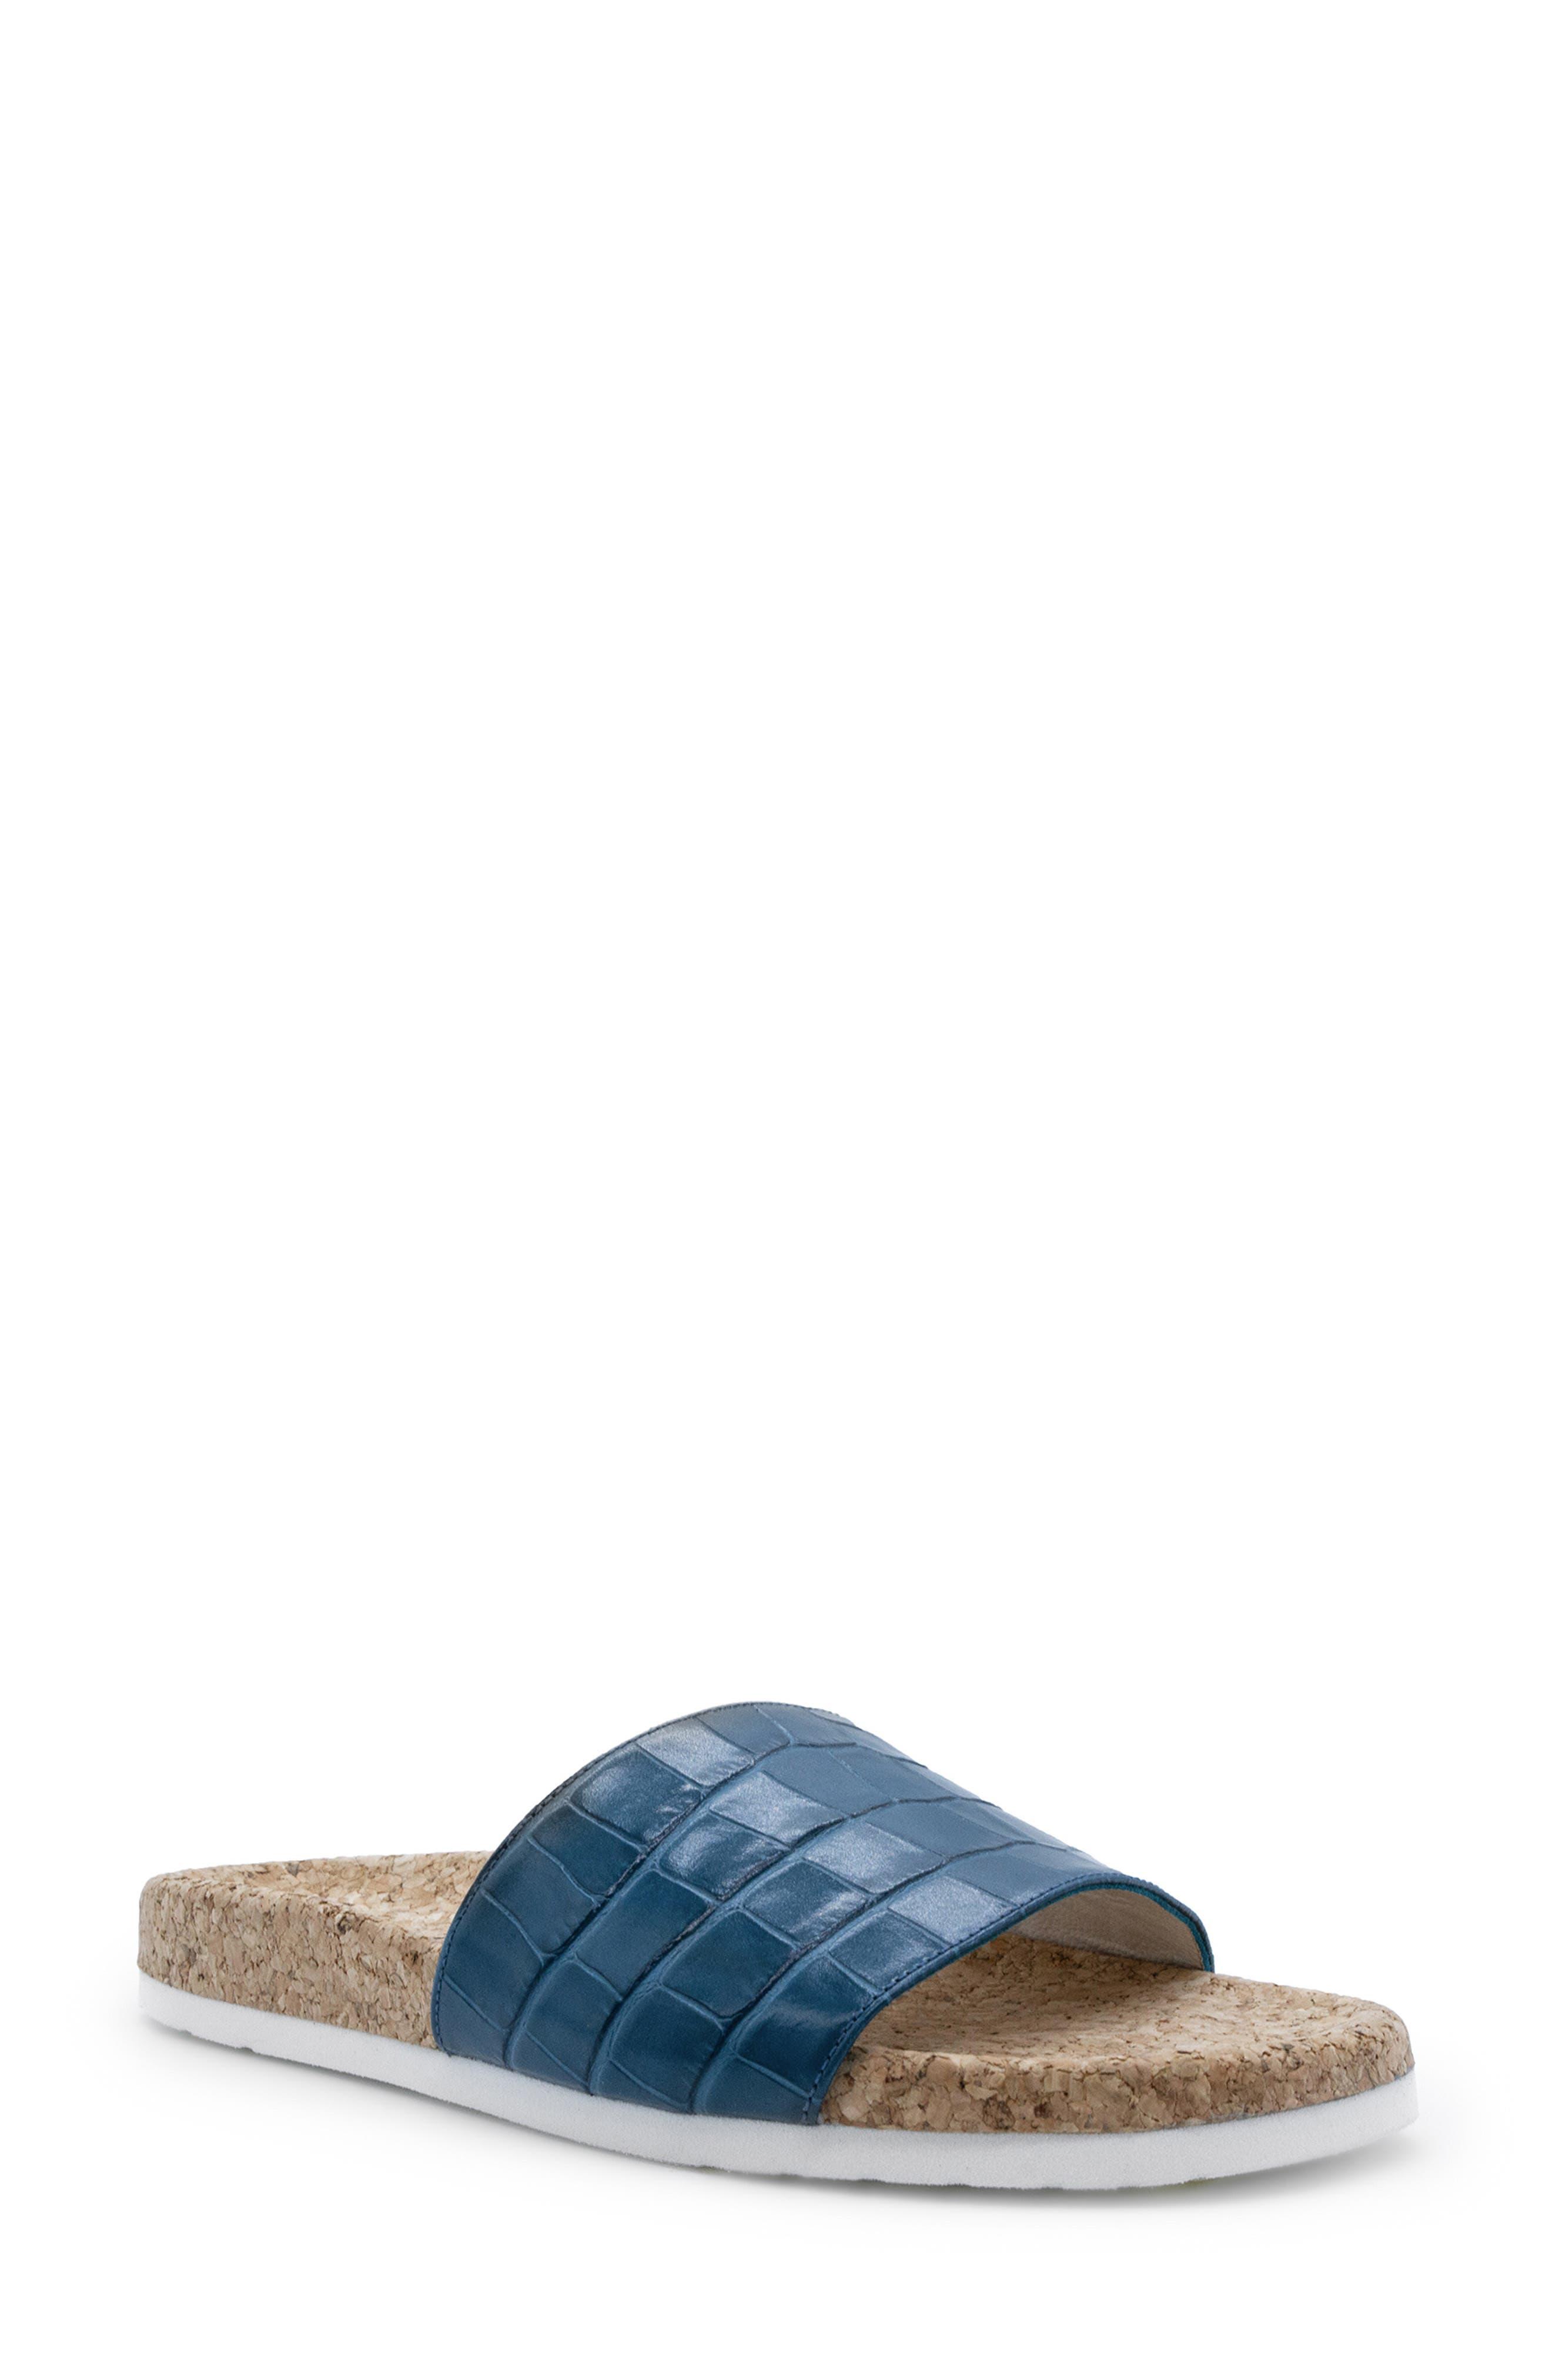 Molly Croc Embossed Waterproof Slide Sandal